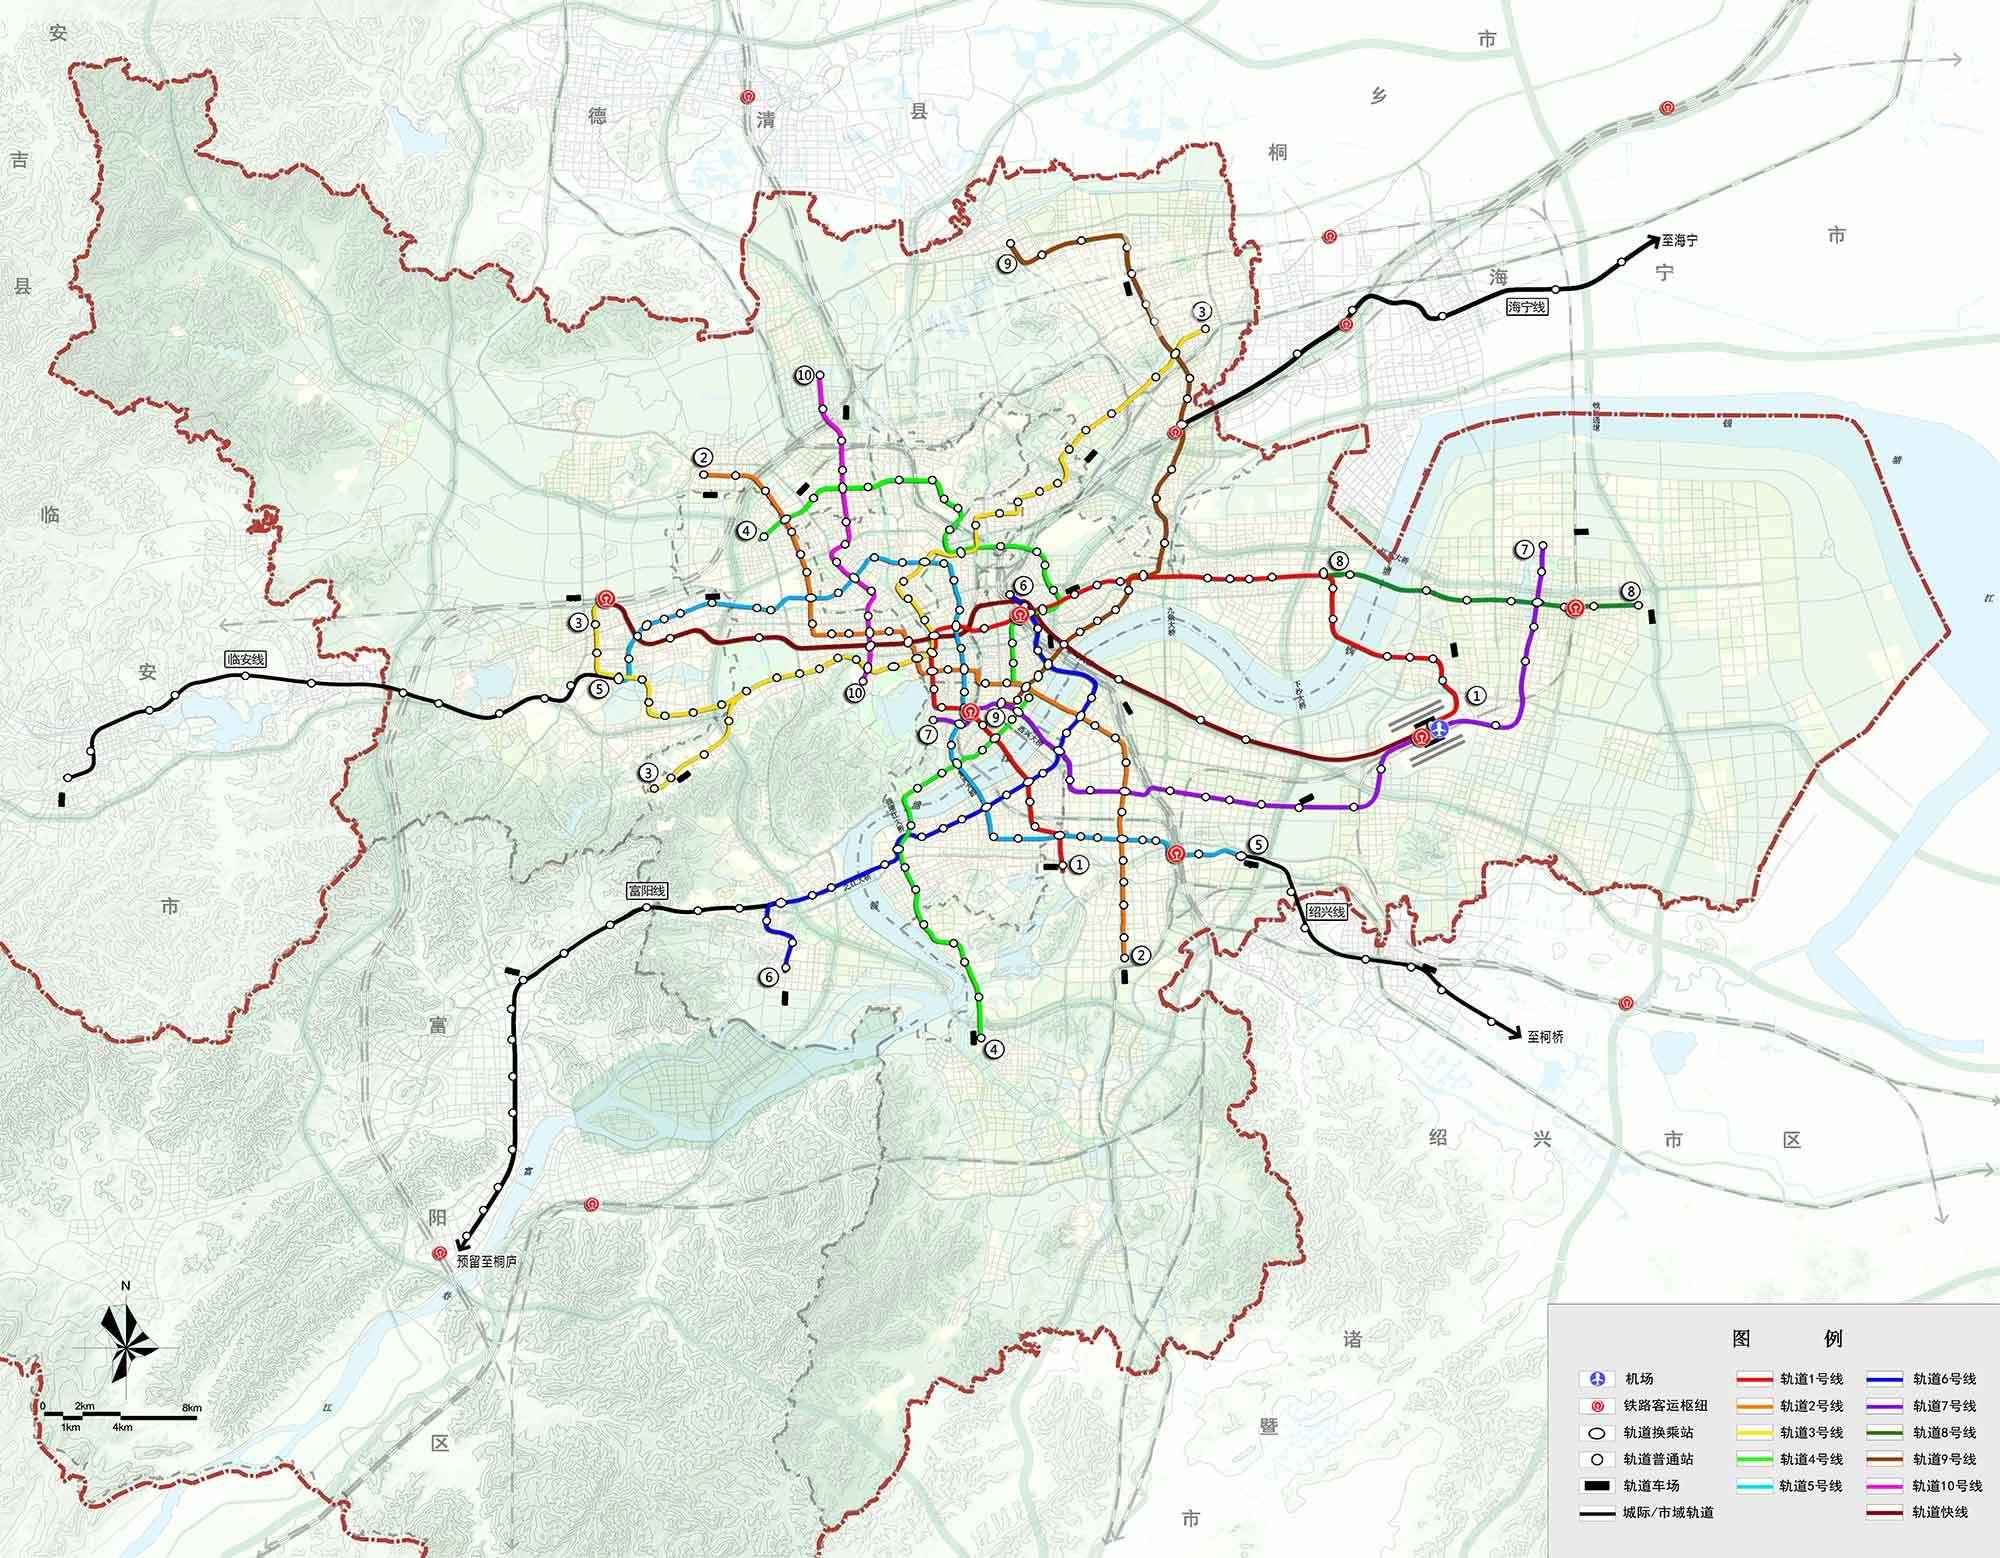 杭州城市综合交通专项规划修编:新增西站--萧山机场轨道快线图片